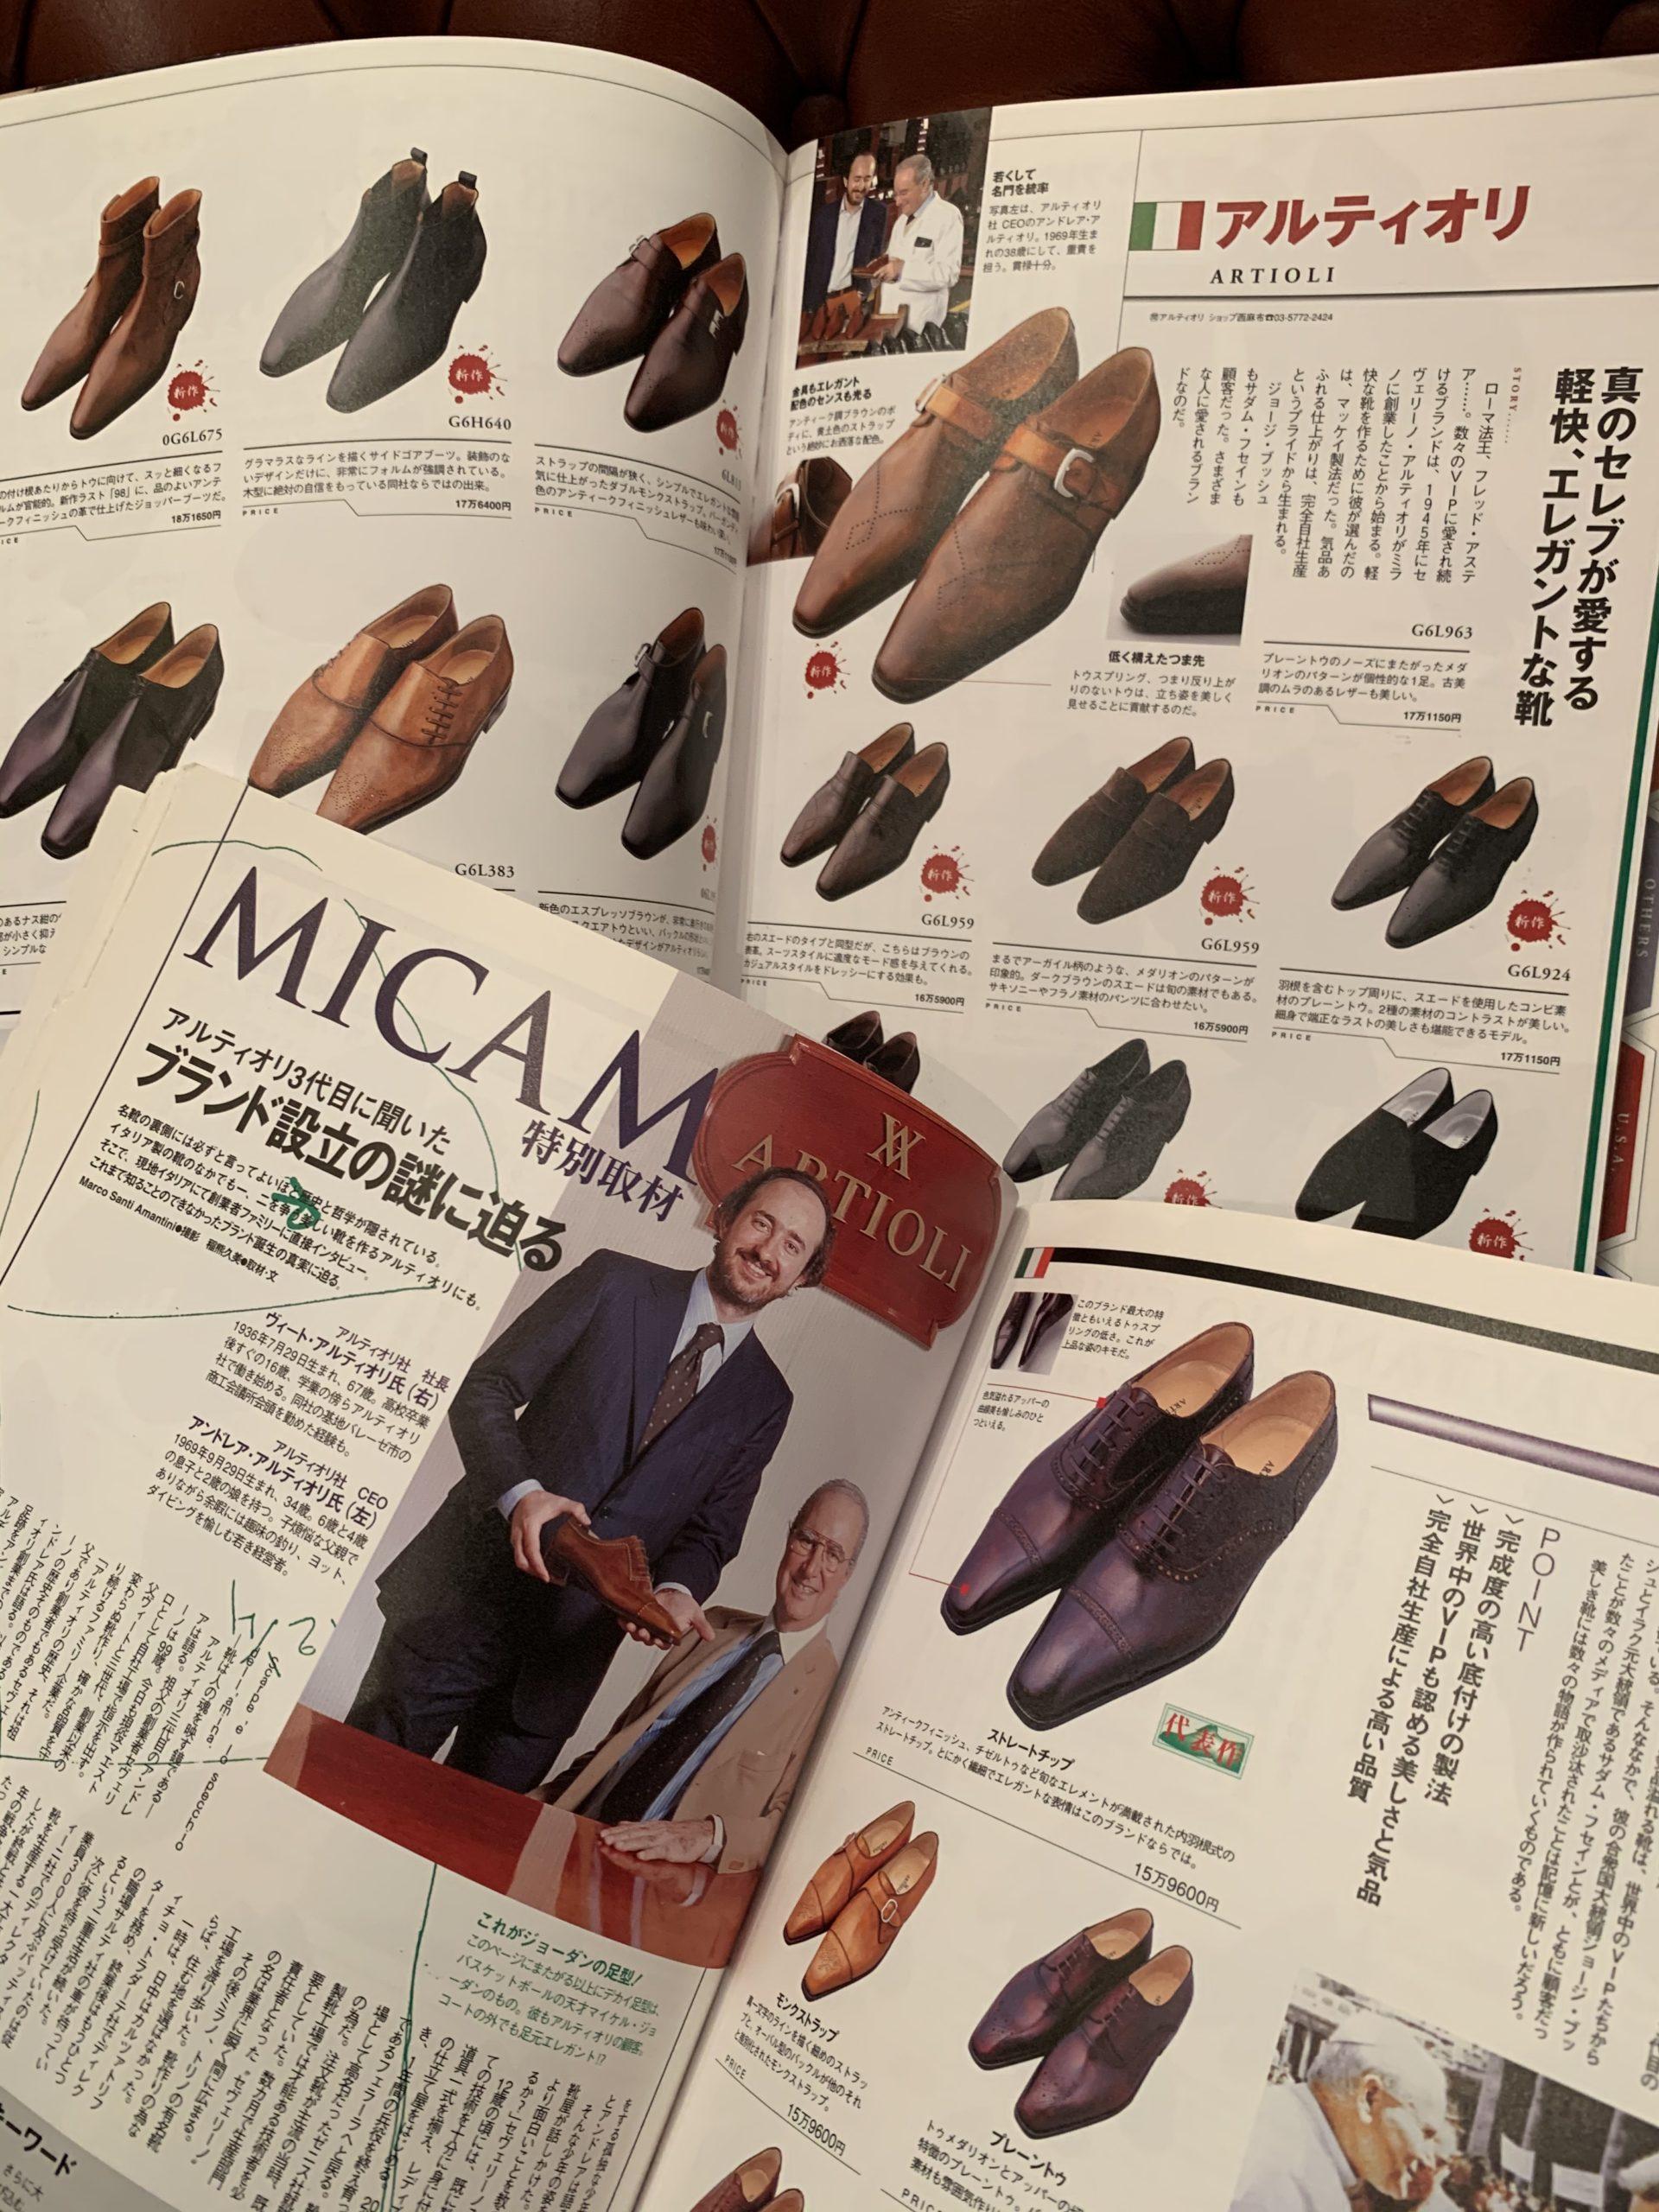 ◆お家で愉しもうvol.5〜ミラノの貴族靴アルティオリ◆